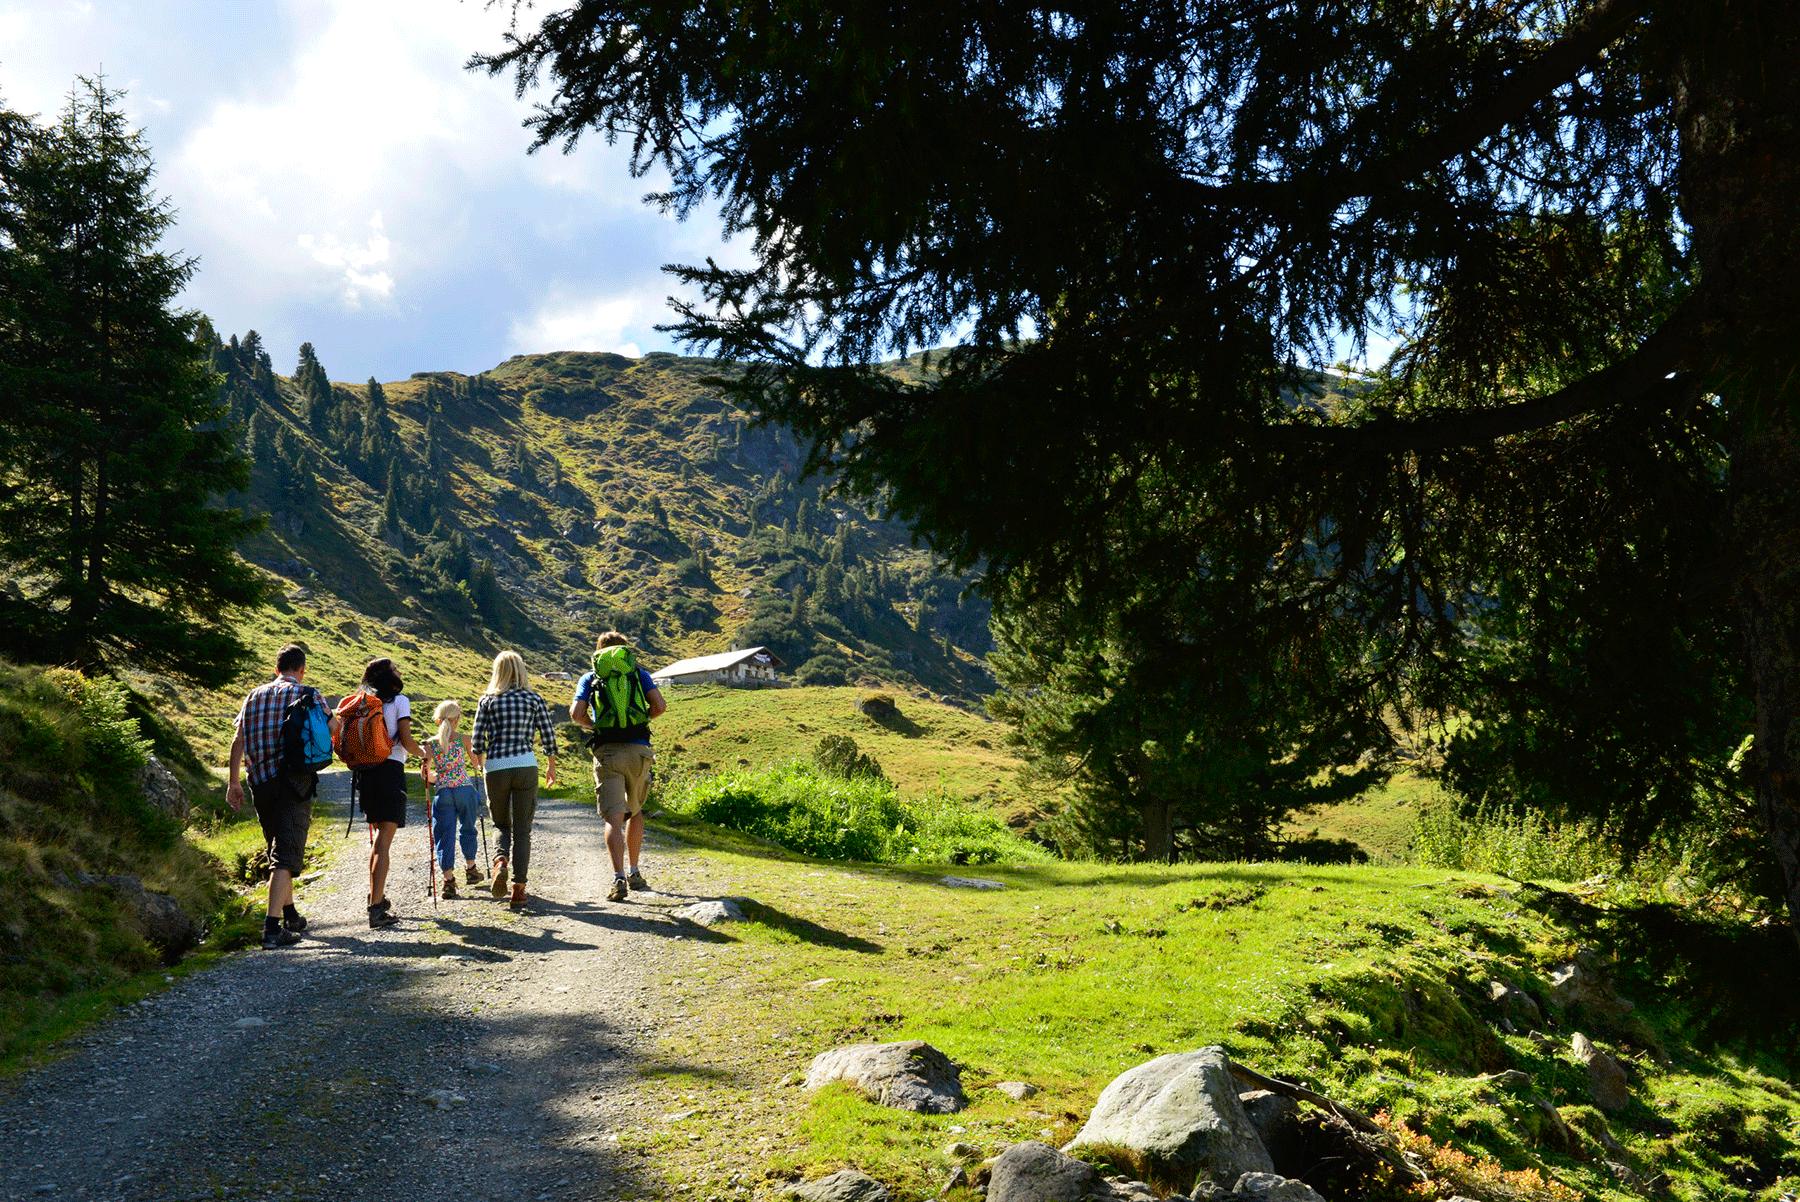 Familie beim Wandern im Alpbachtal